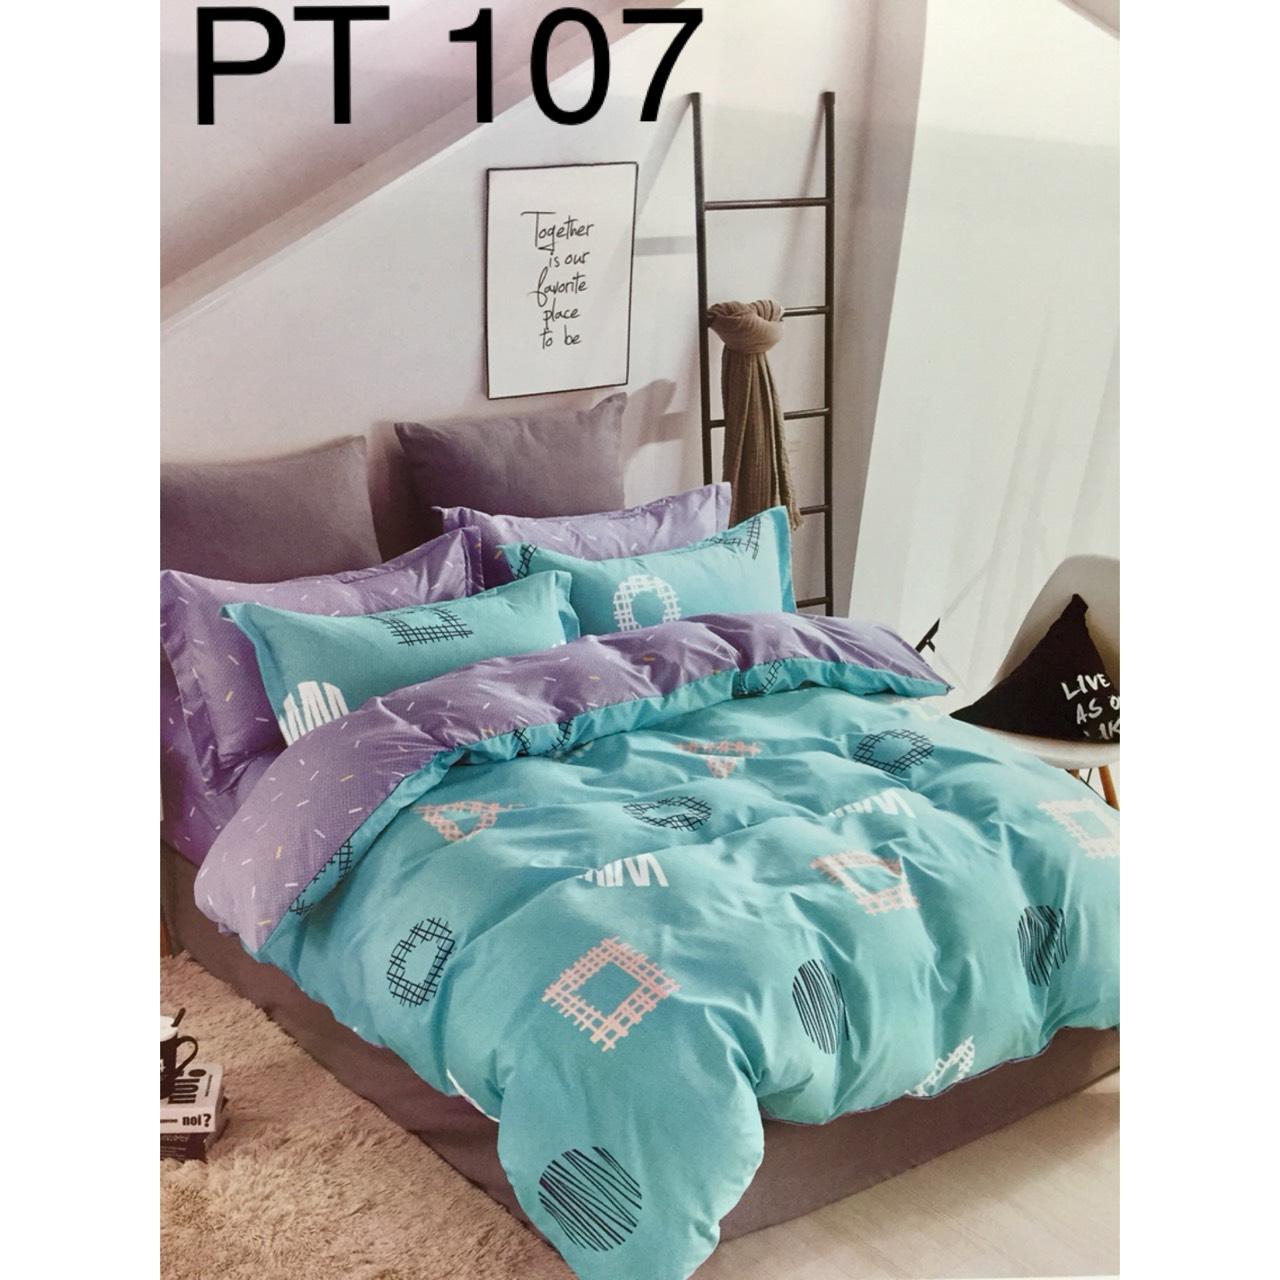 Bộ Chăn Ga Phủ Cotton Hàn Quốc - PT107